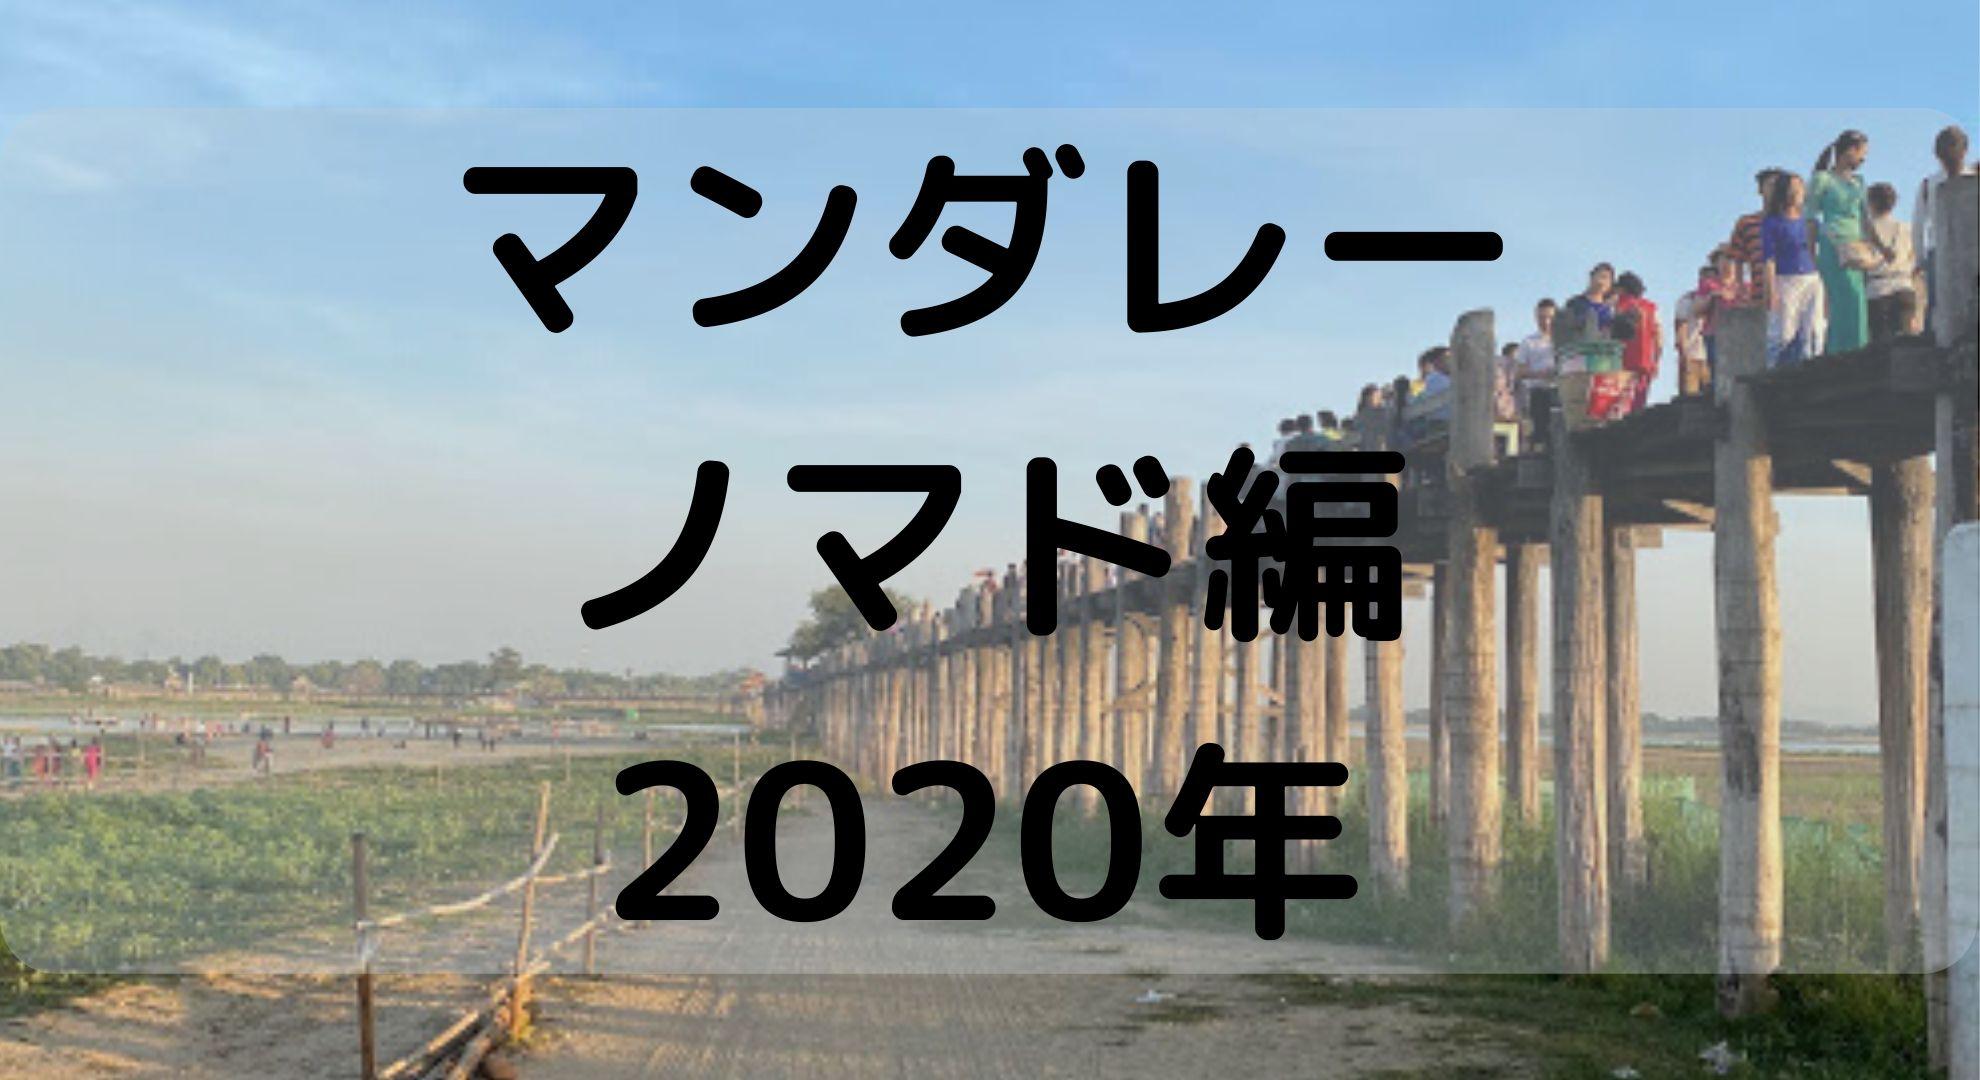 【マンダレーノマド】ミャンマー・マンダレーは沈没向けの街!物価はアジア最安値ランク【2020年版】